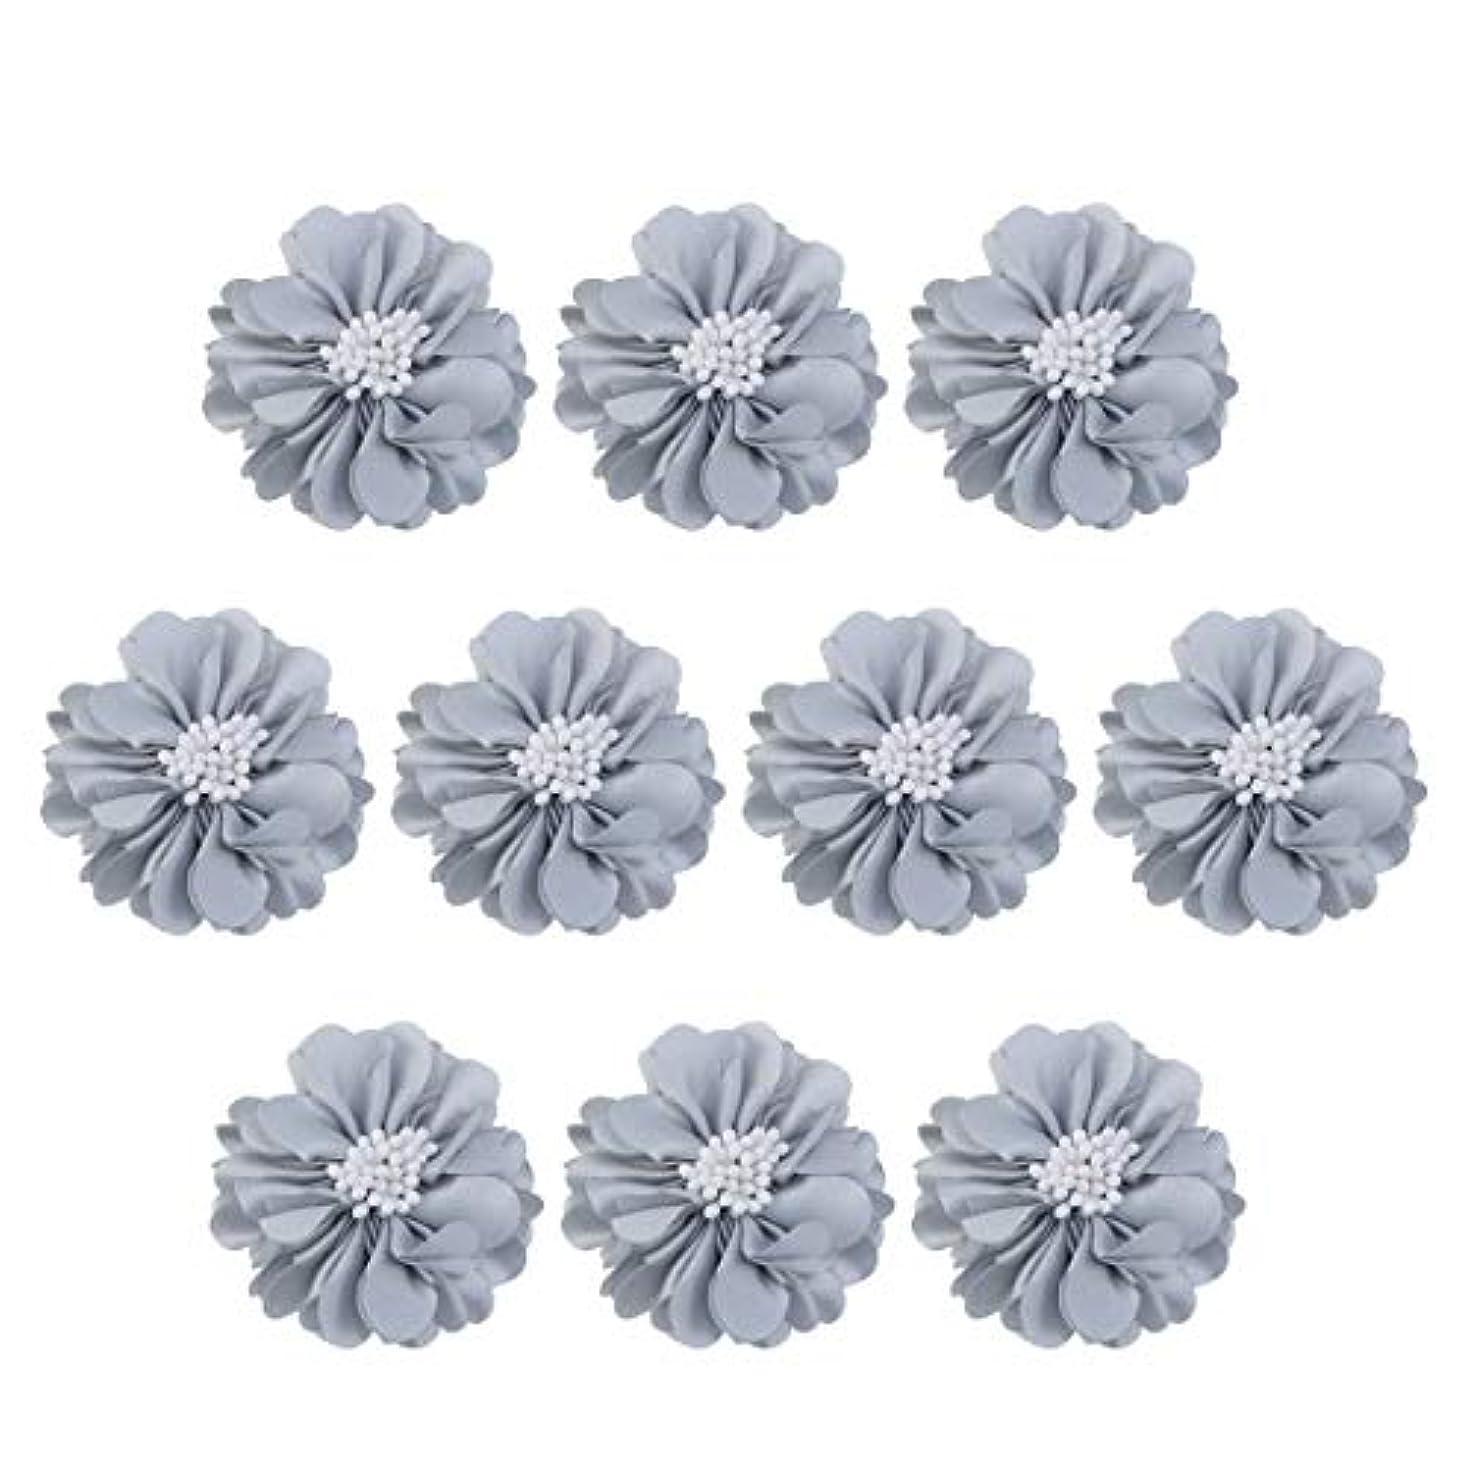 グリーンランド中絶ハンディVosarea 10個装飾シフォン花平底美しいDIY手作りぼろぼろの花のヘアクリップヘアアクセサリー(ブルー)